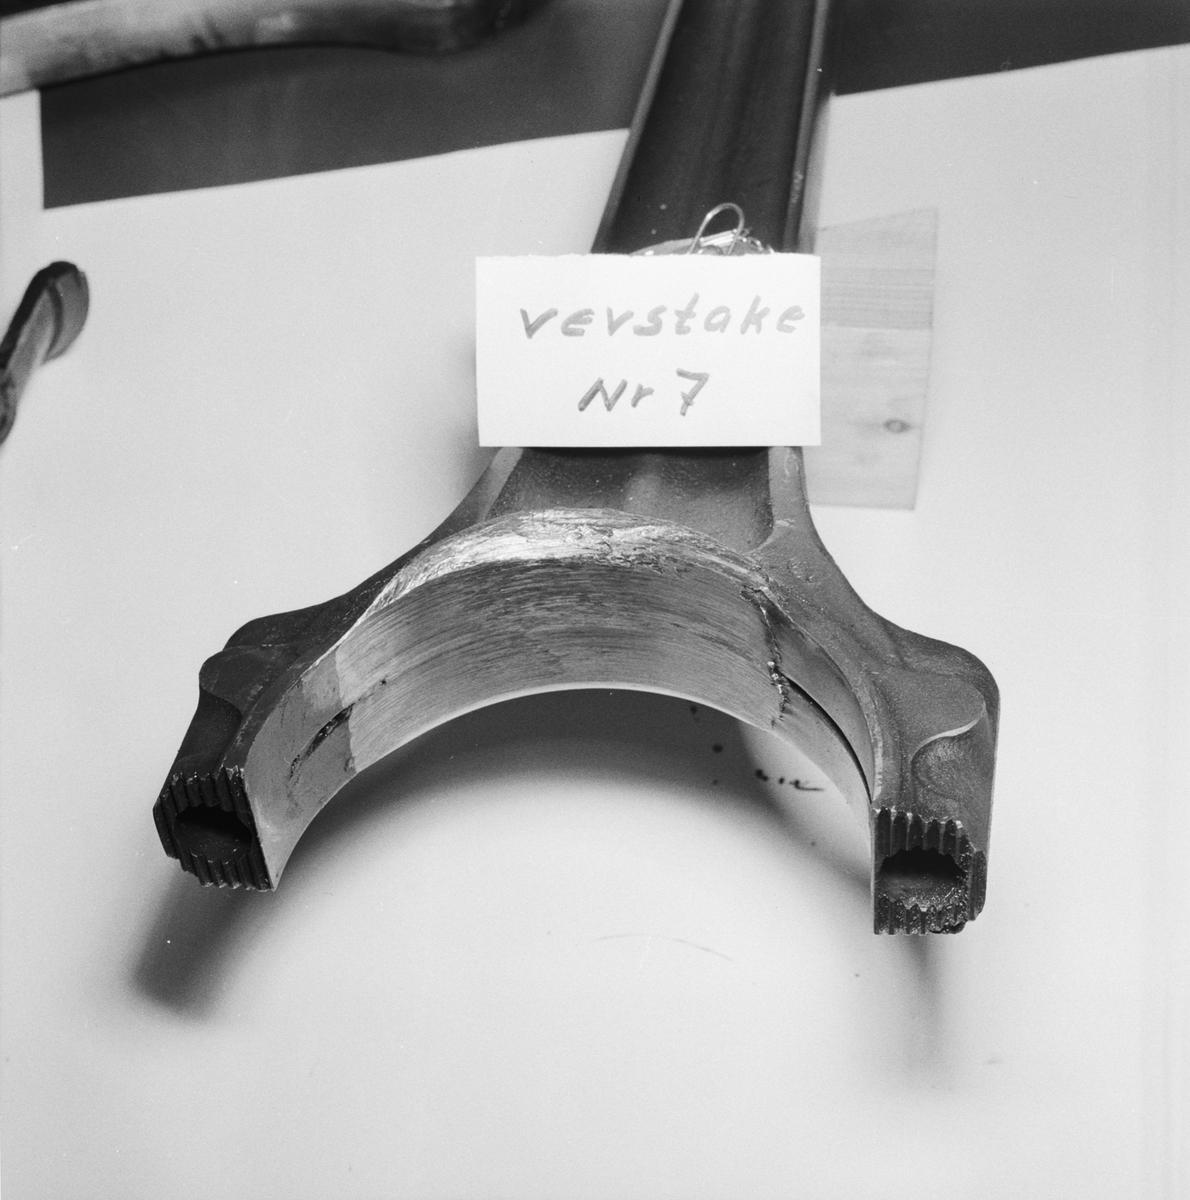 Övrigt: Foto datum: 10/4 1957 Byggnader och kranar Avd.91 detaljer till motor